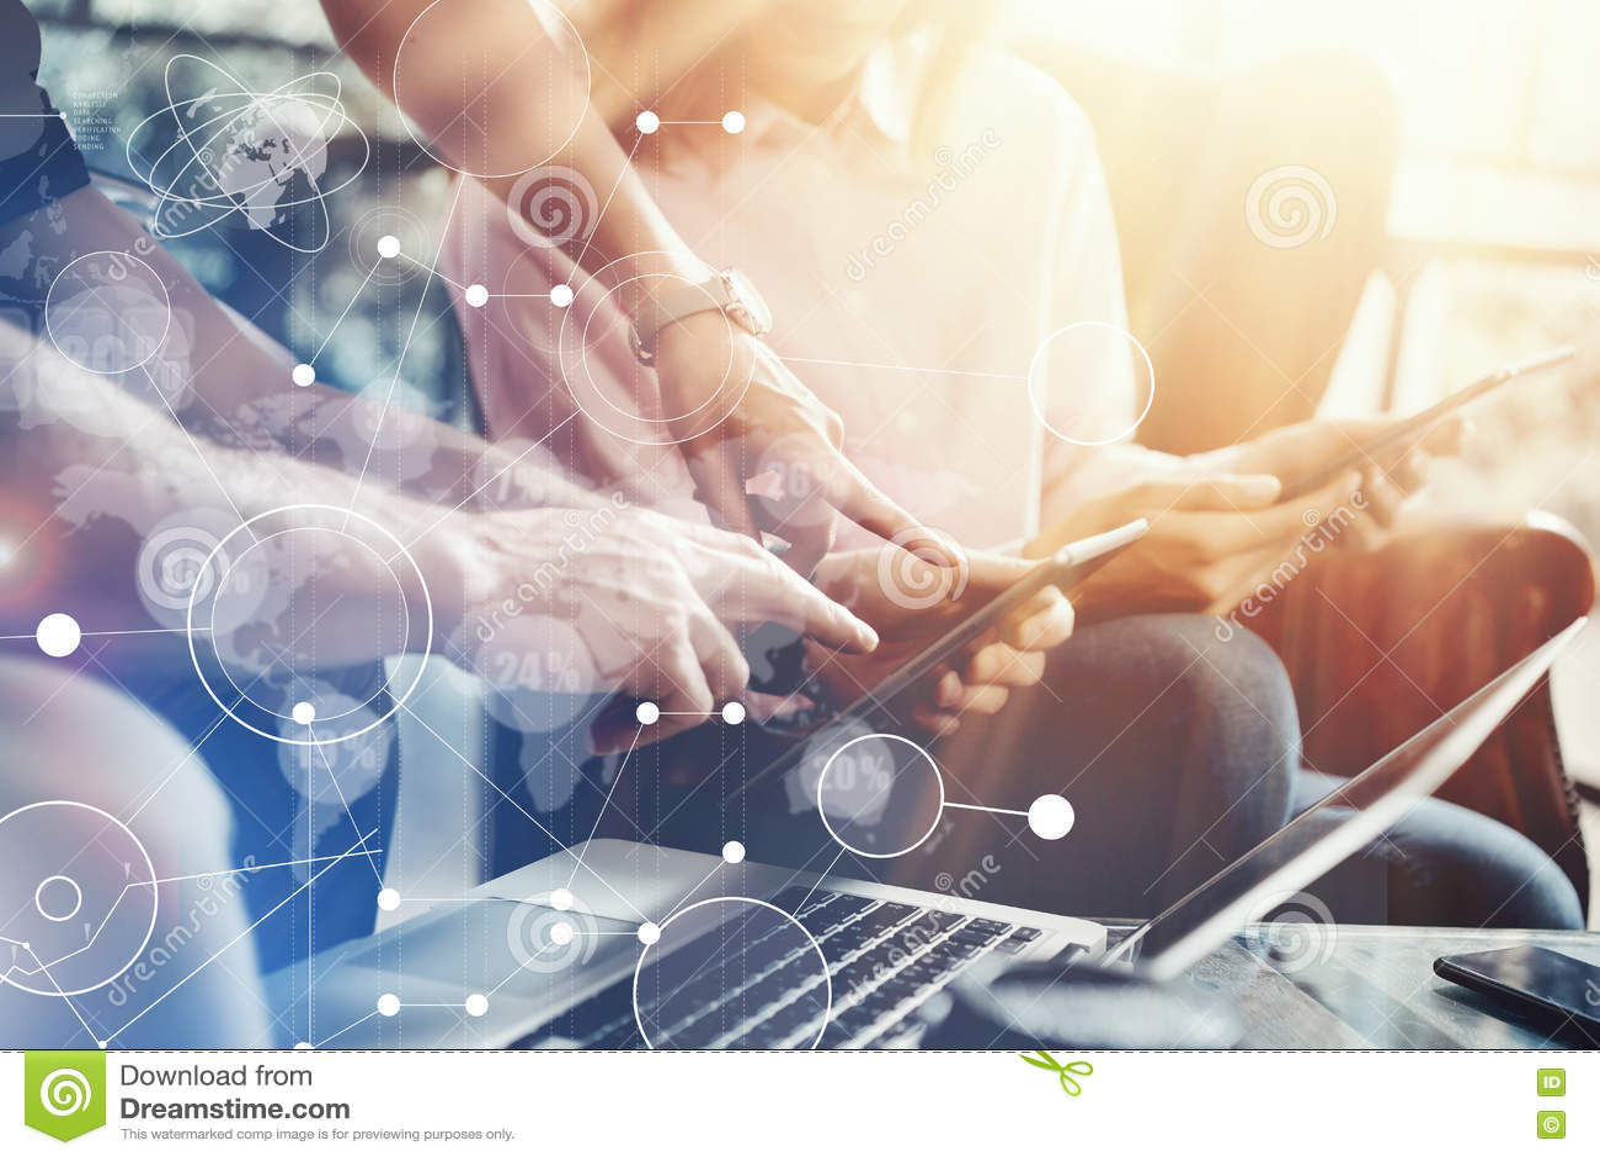 Σφαιρική έρευνα μάρκετινγκ διεπαφών γραφικών παραστάσεων εικονιδίων σύνδεσης εικονική Η νέα ομάδα συναδέλφων αναλύει την έκθεση σ